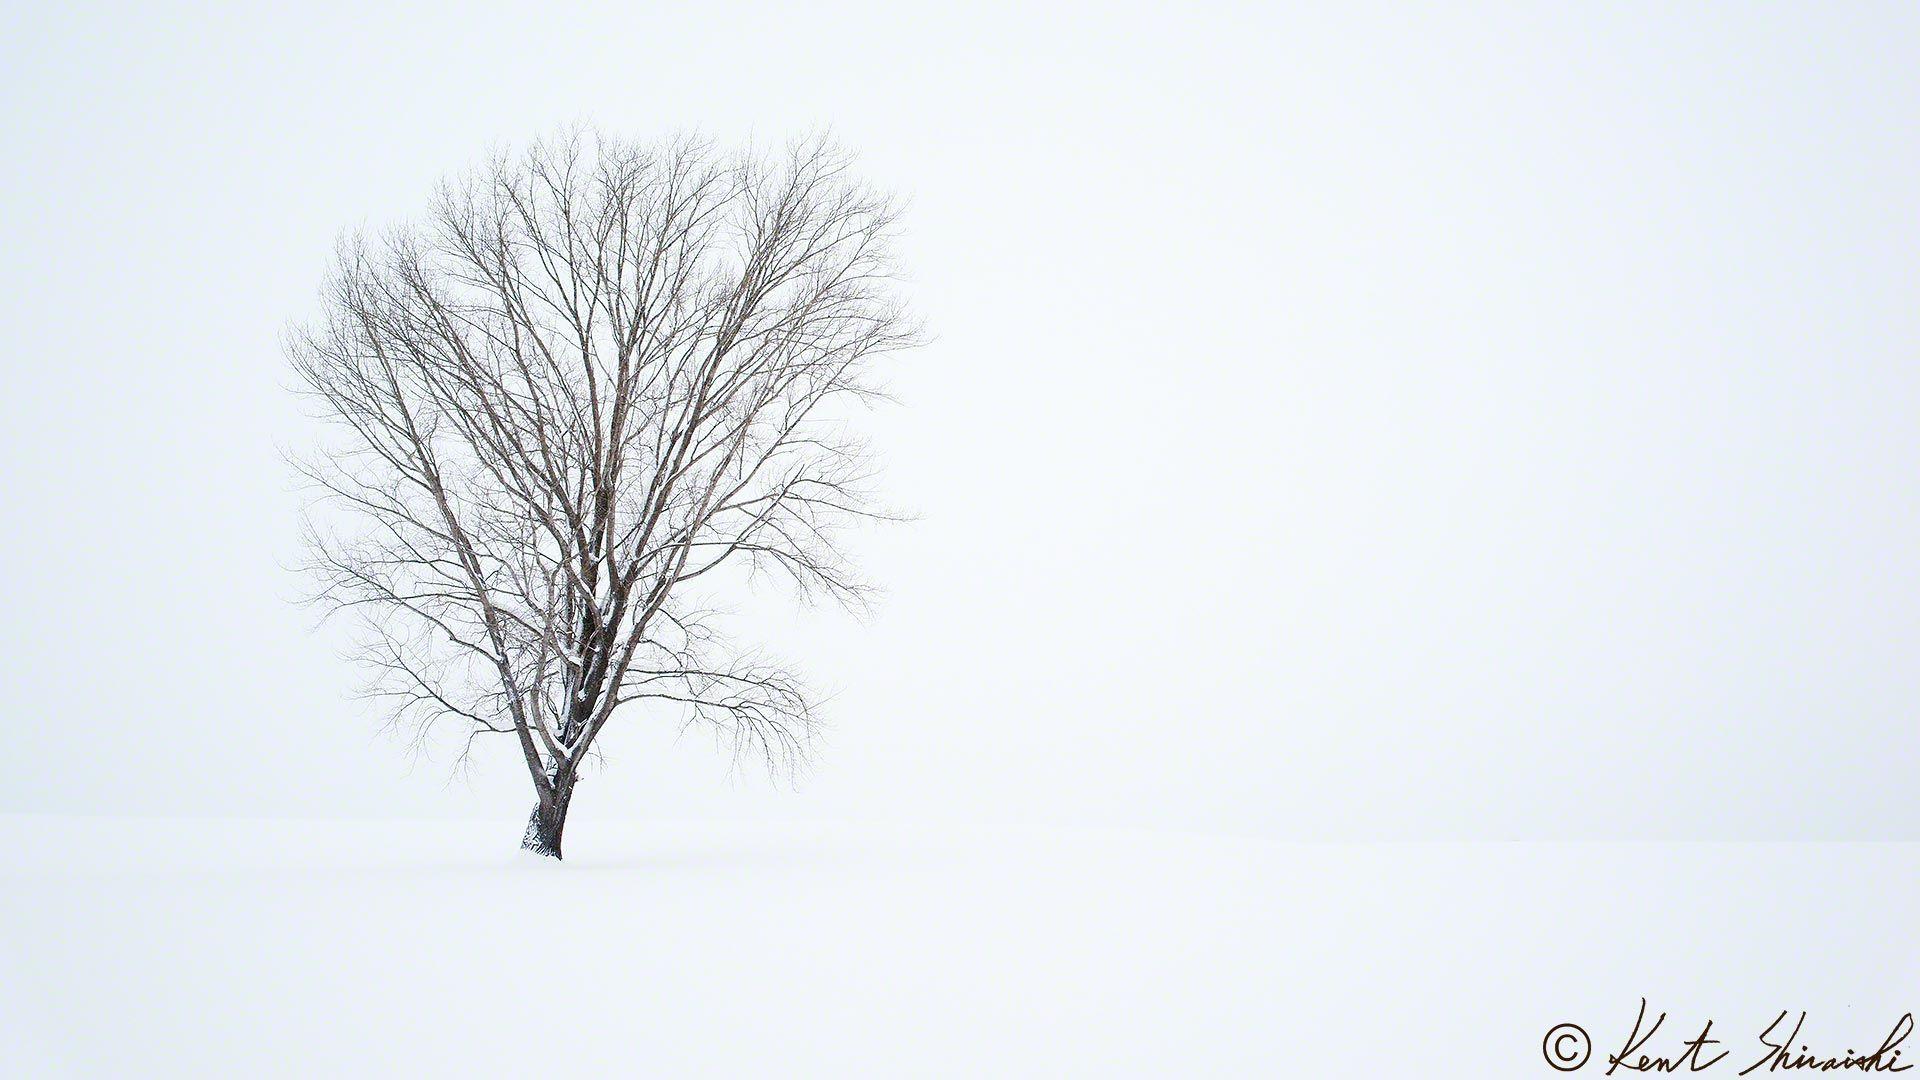 哲学の木が無くなりました! - Kent Shiraishi Photo Studio